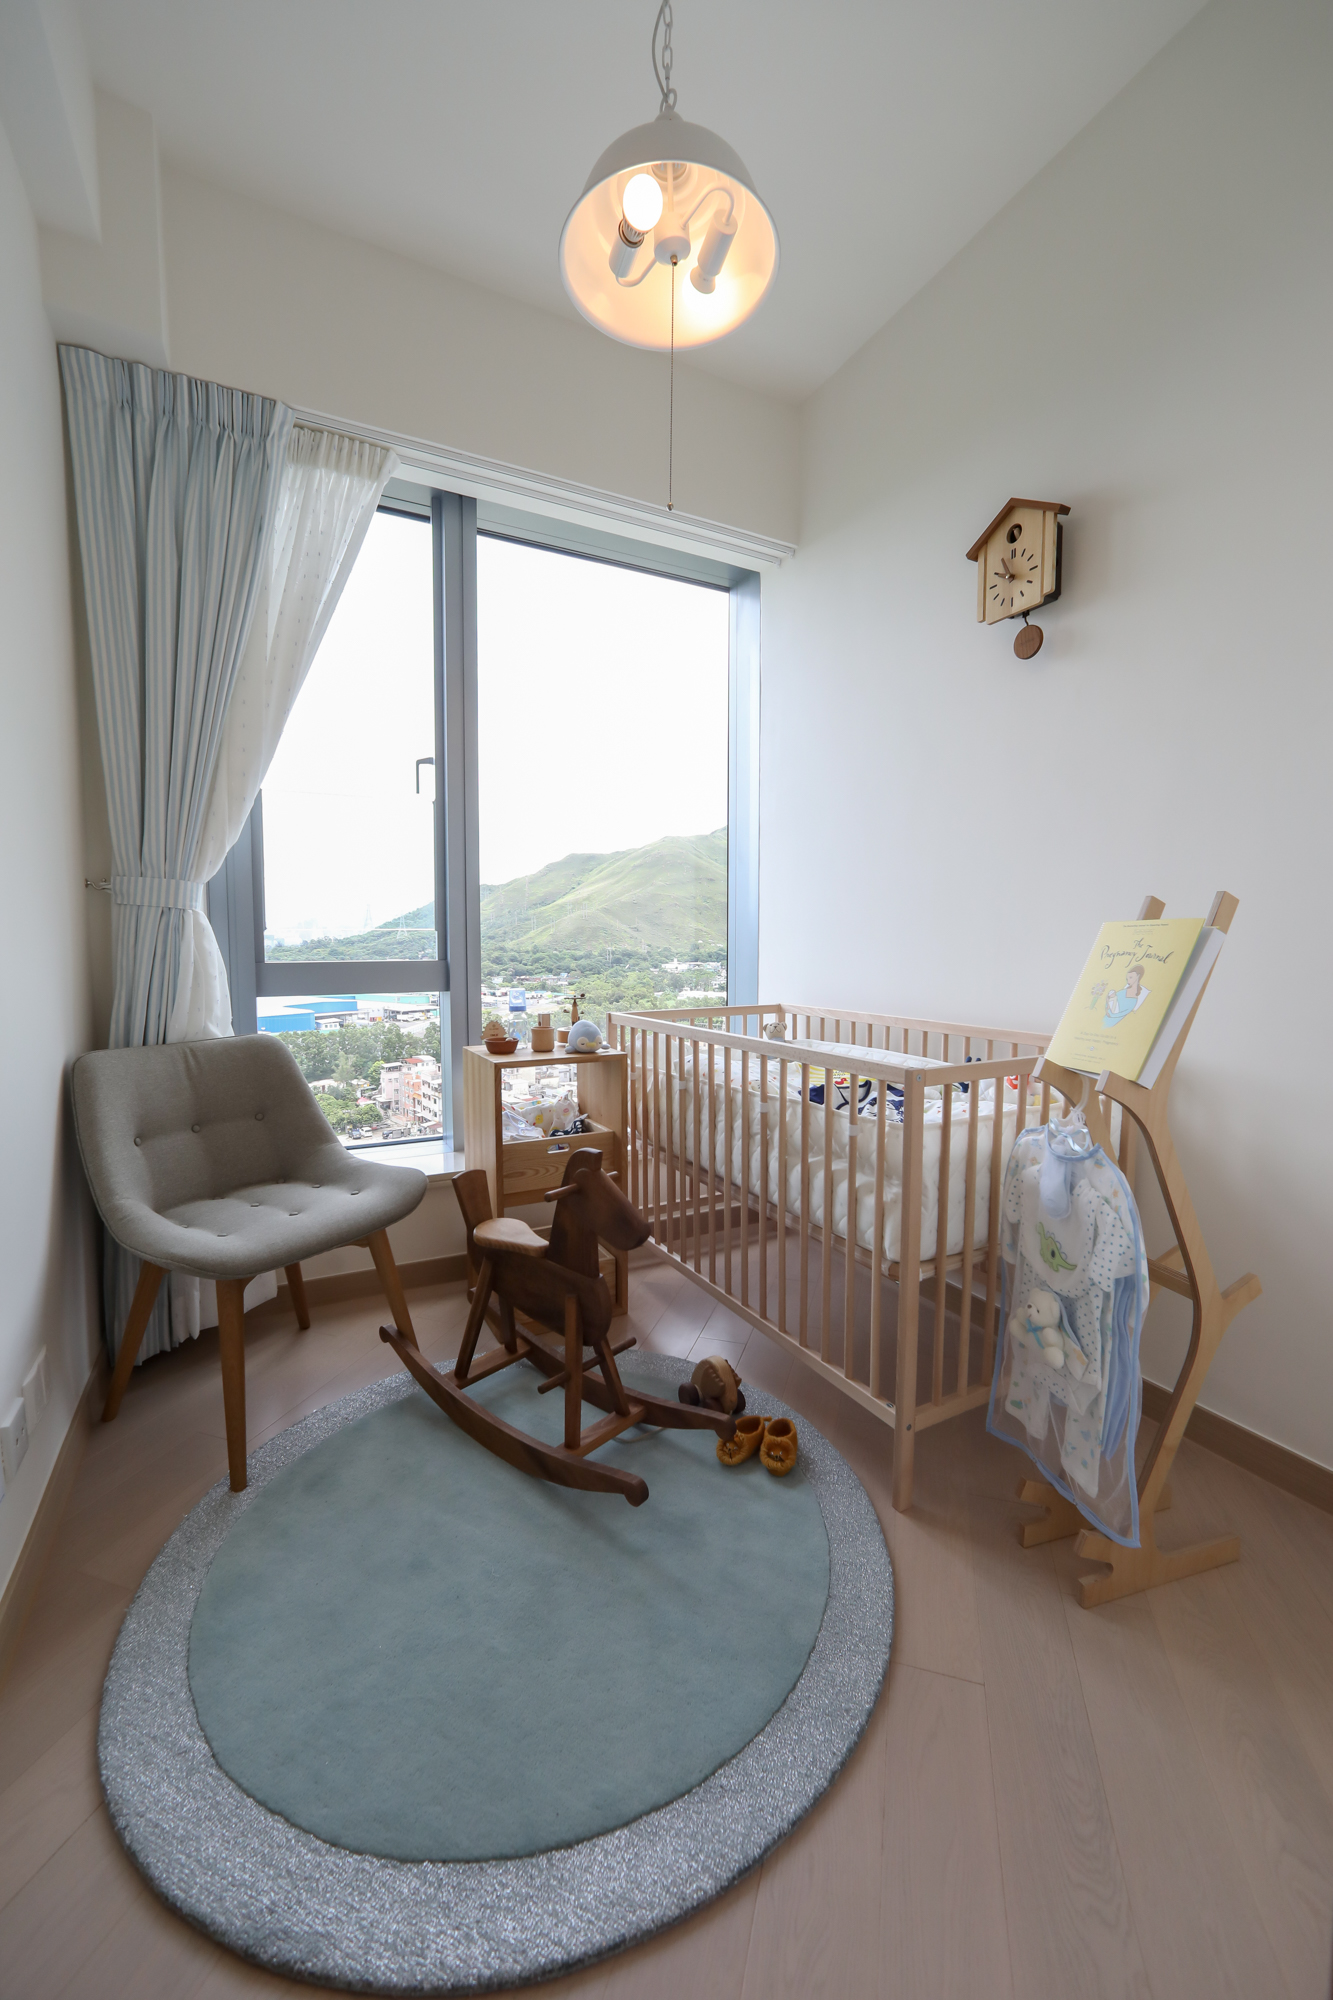 另一間睡房則放置淺色嬰兒床及木紋矮櫃。